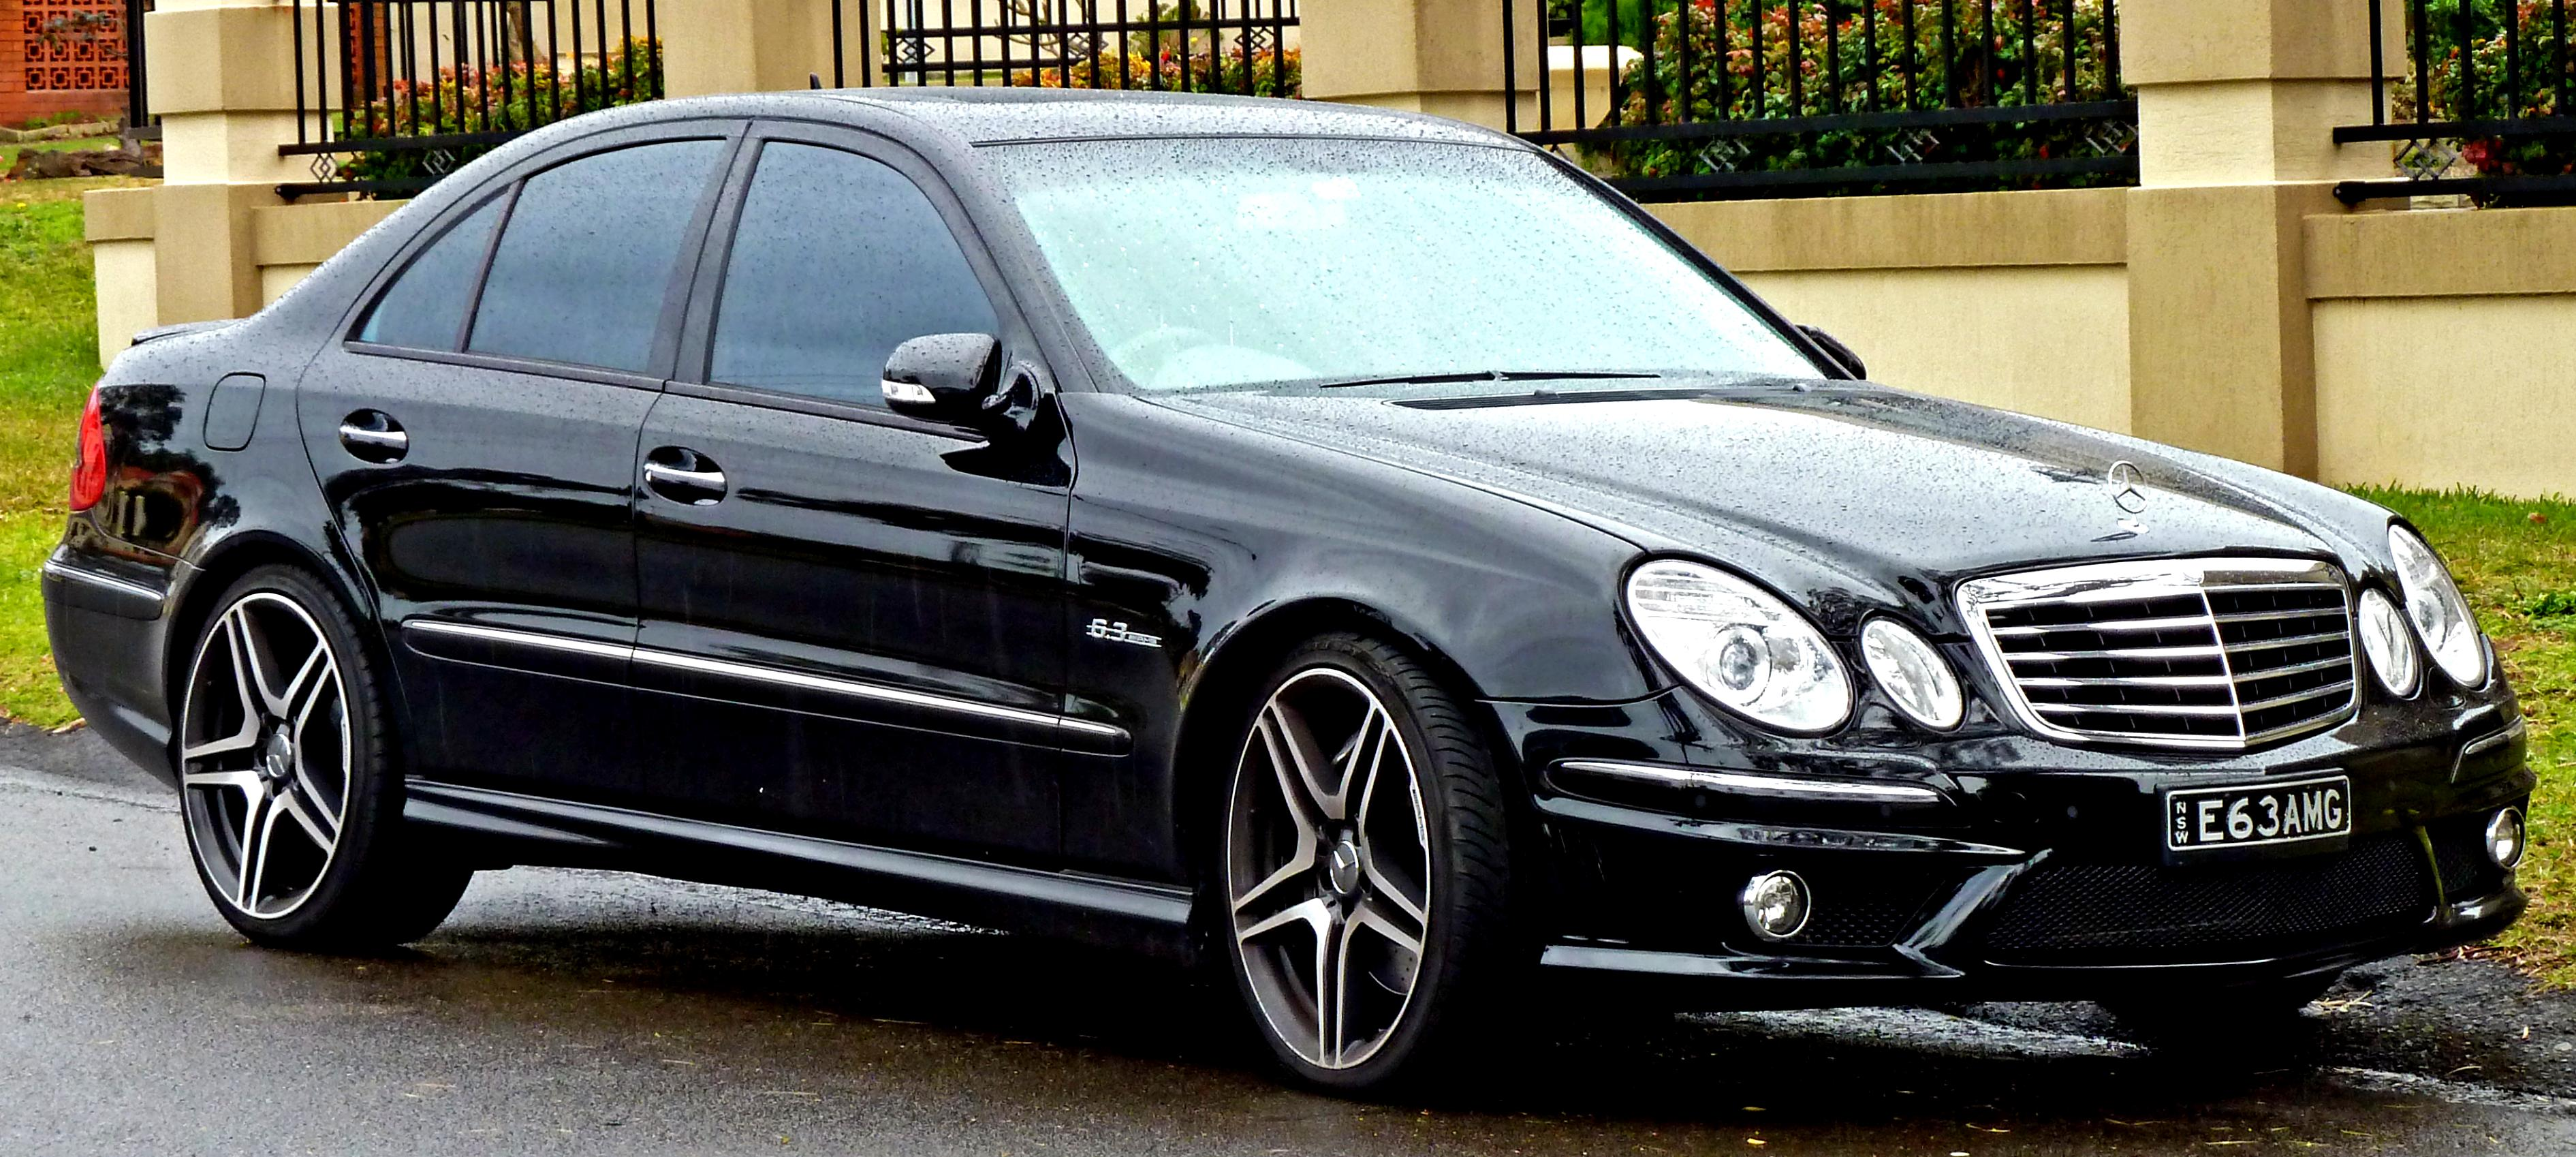 Mercedes Benz E 55 Amg W211 2002 On Motoimg Com